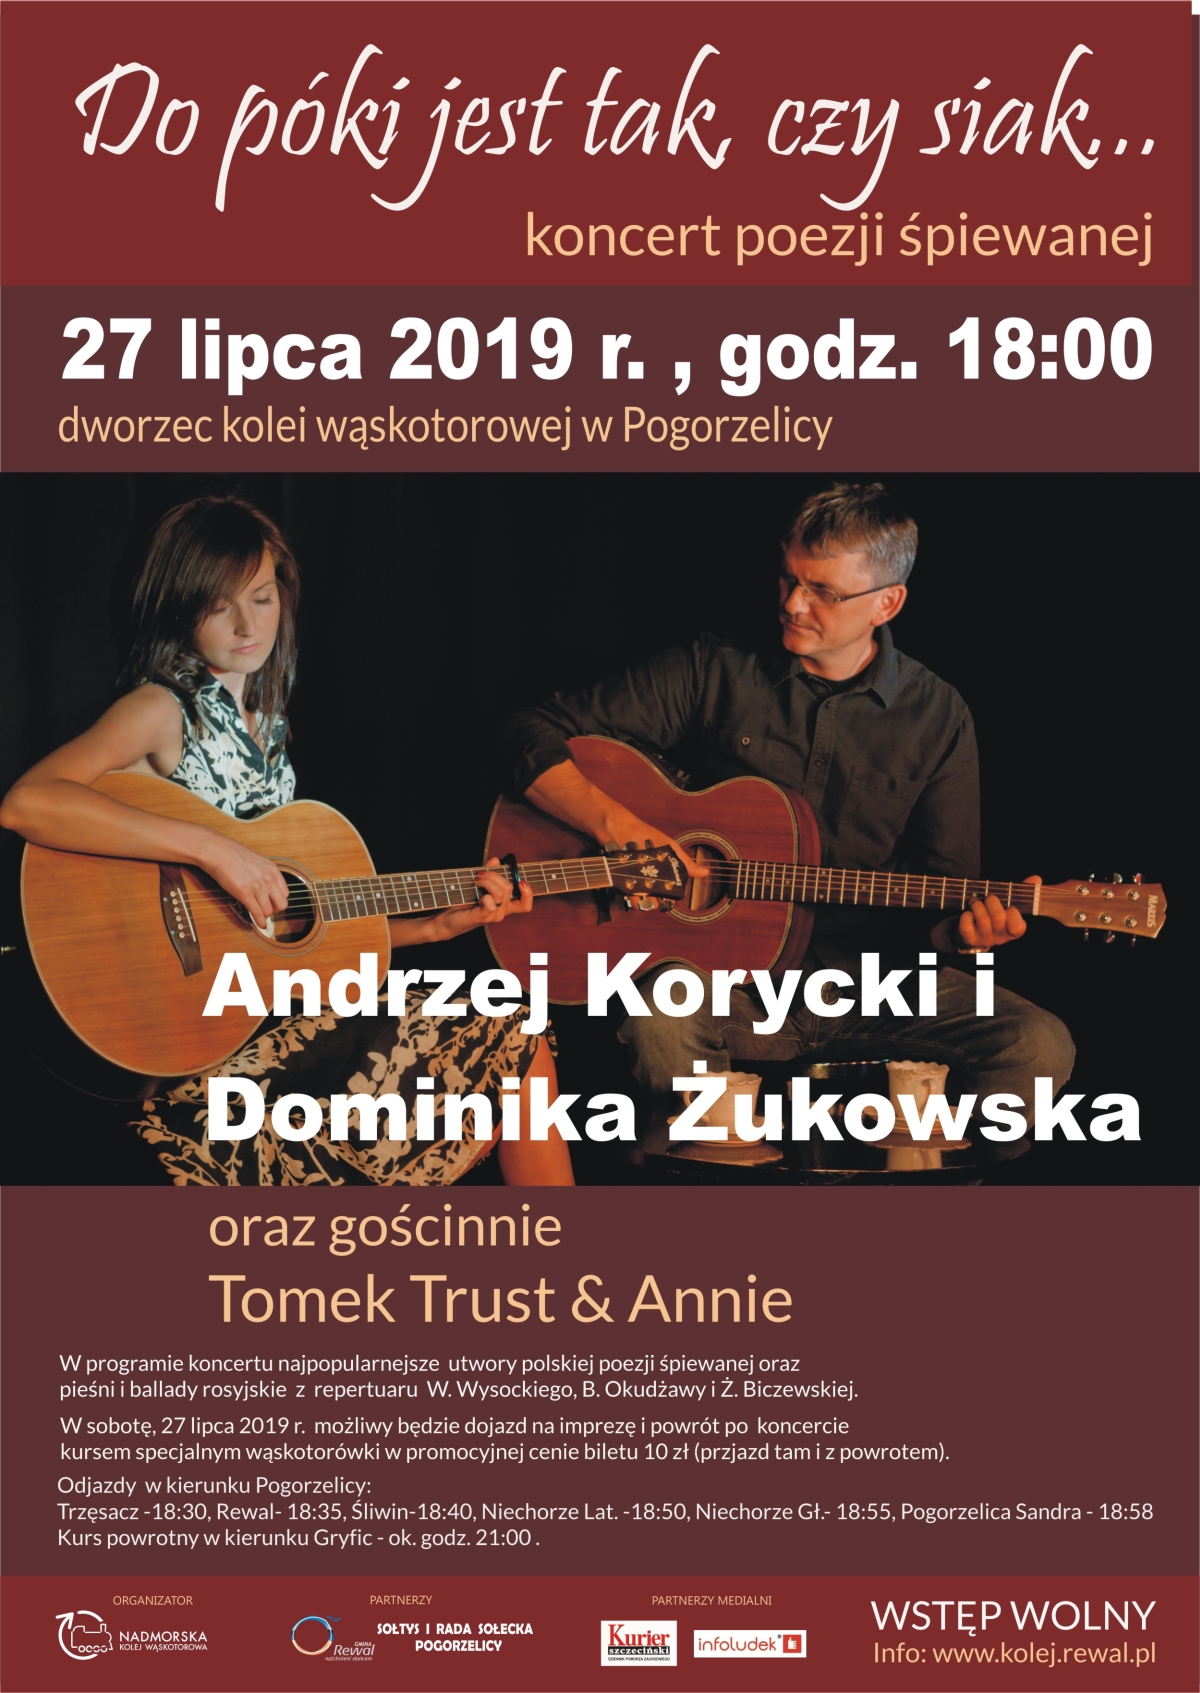 Andrzej Korycki Dominika Żukowska Pogorzelica